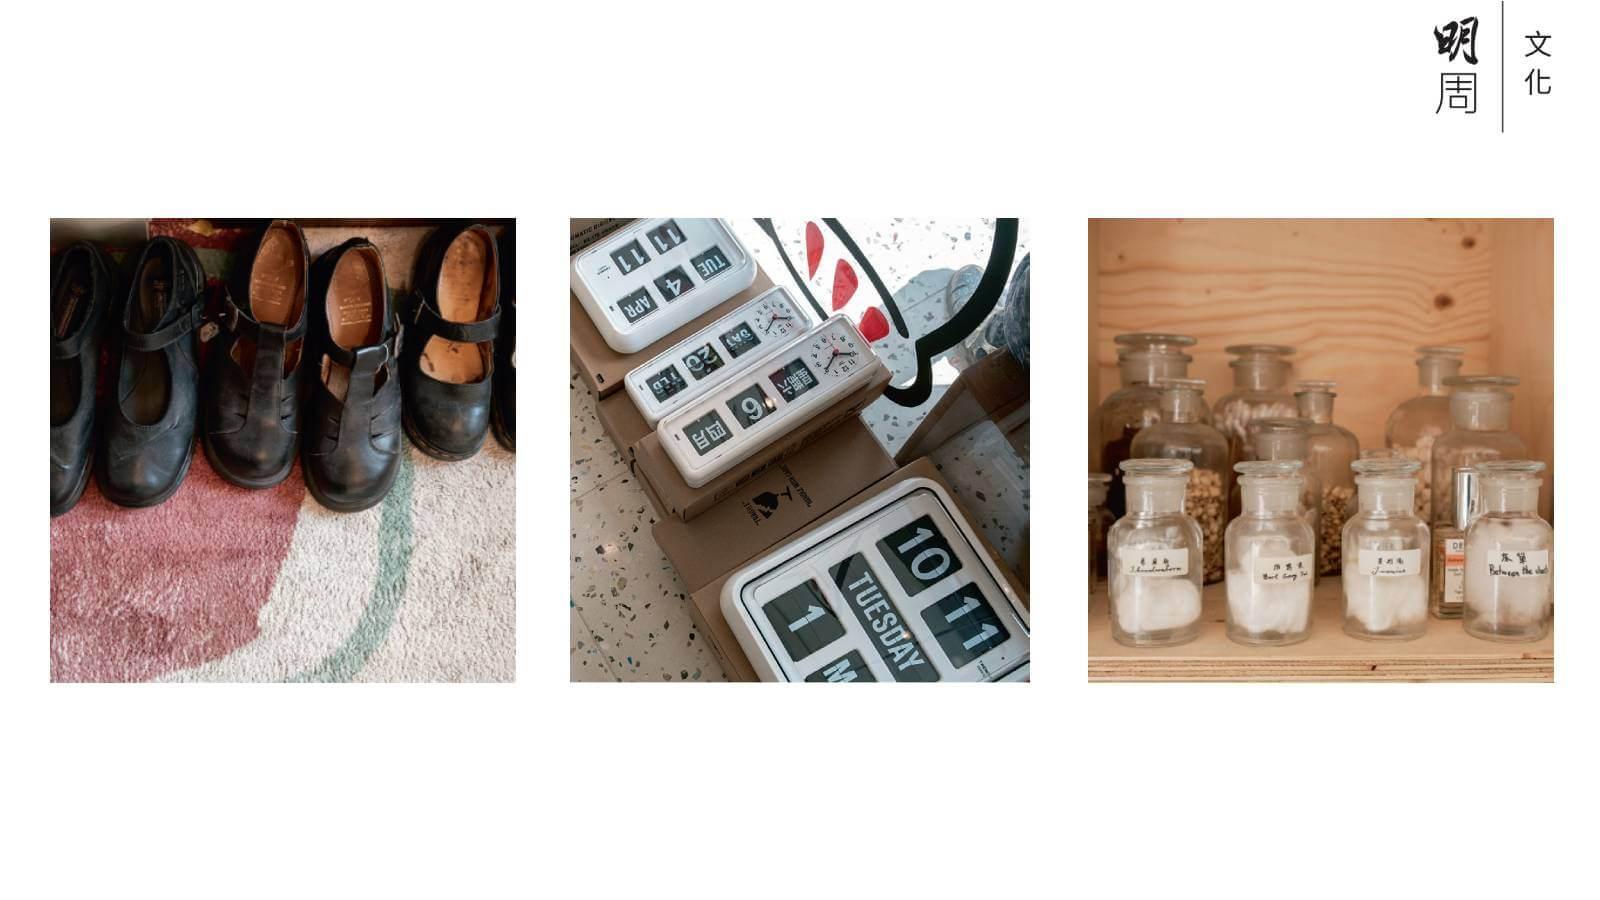 (上)貨品反映Eden品味,如「復古」是最明顯的元素之一。(中)香港製造的跳板鐘,設計有種舊香港的優雅美學。(下)